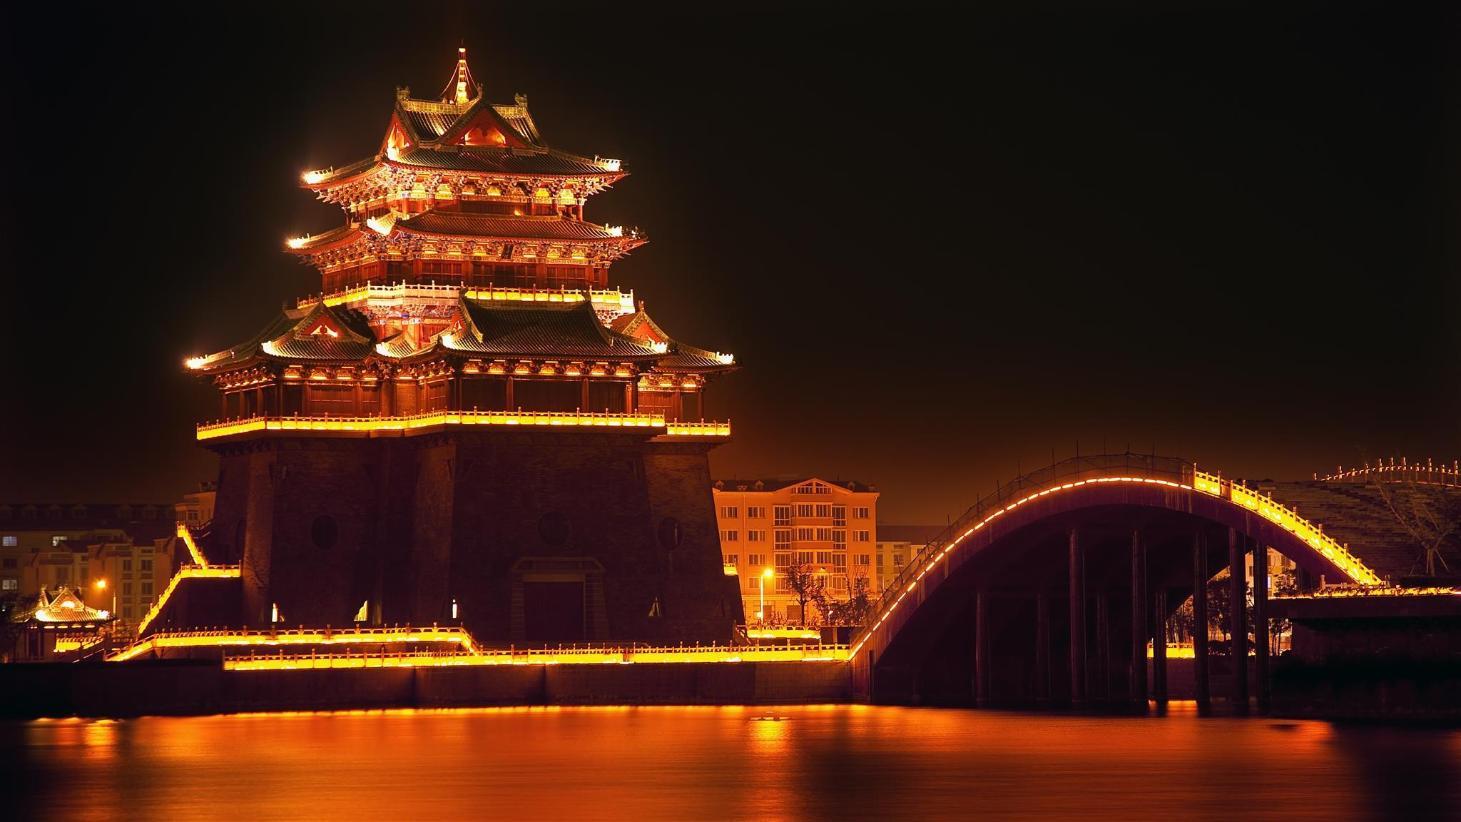 chengdu china on world map, guangzhou china on world map, shenzhen china on world map, macau china on world map, hangzhou china on world map, tangshan china on world map, shanghai china on world map, nanjing china on world map, on kaifeng china on a world map